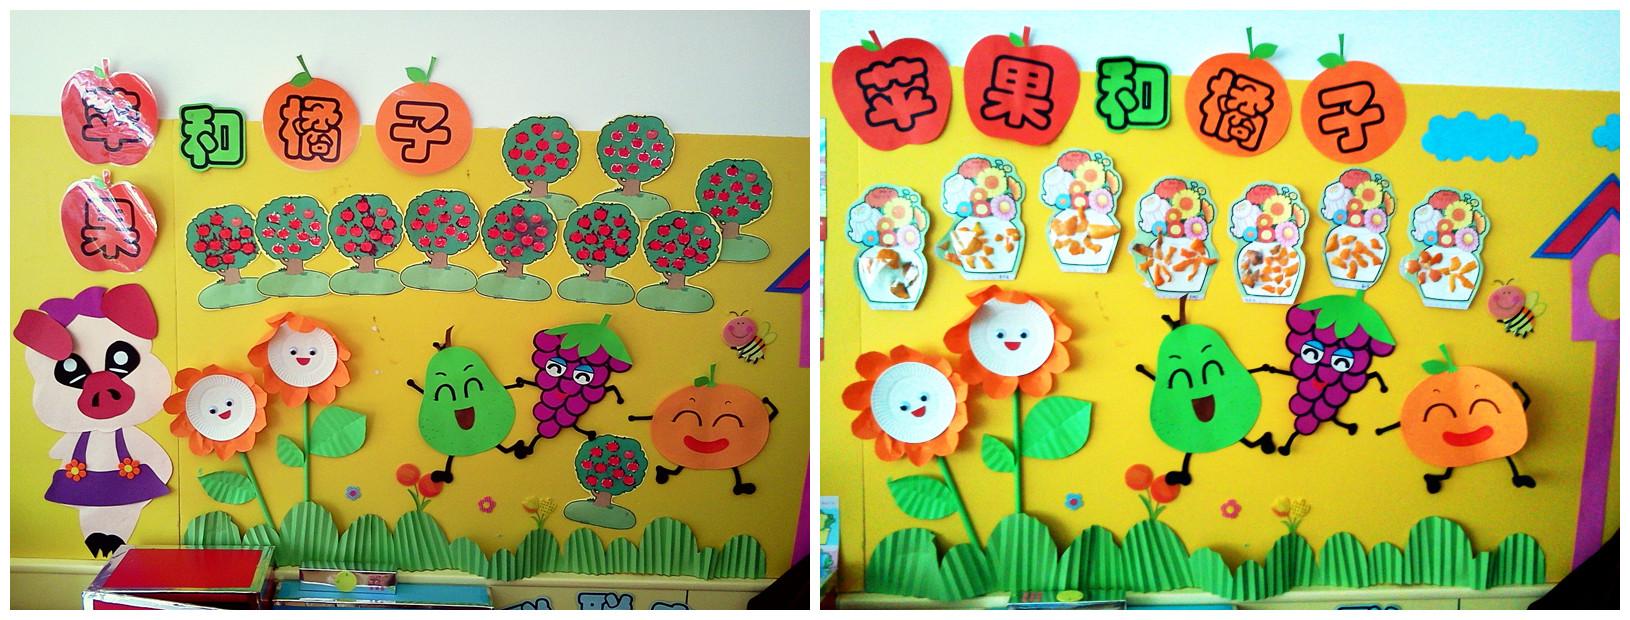 主题:苹果和橘子 主题由来:  秋天是图片